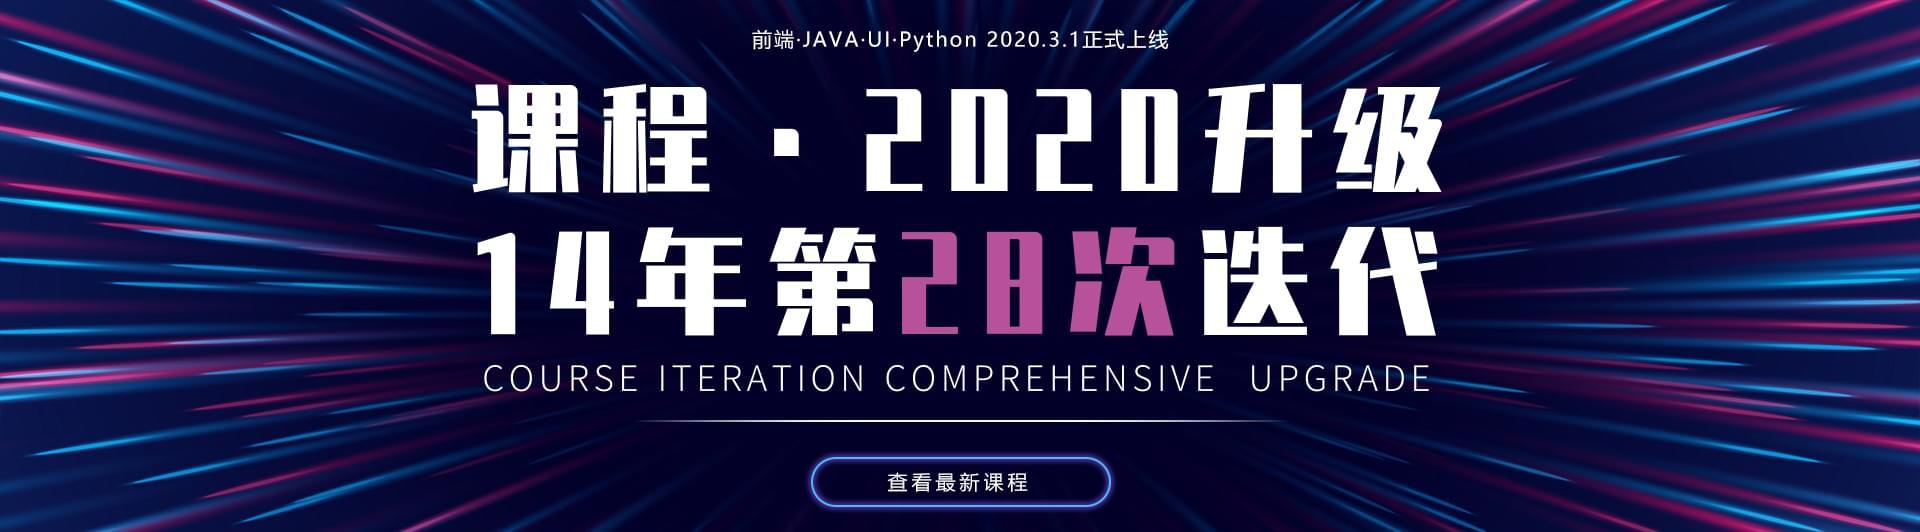 龙8娱乐网址教育课程2020全线升级